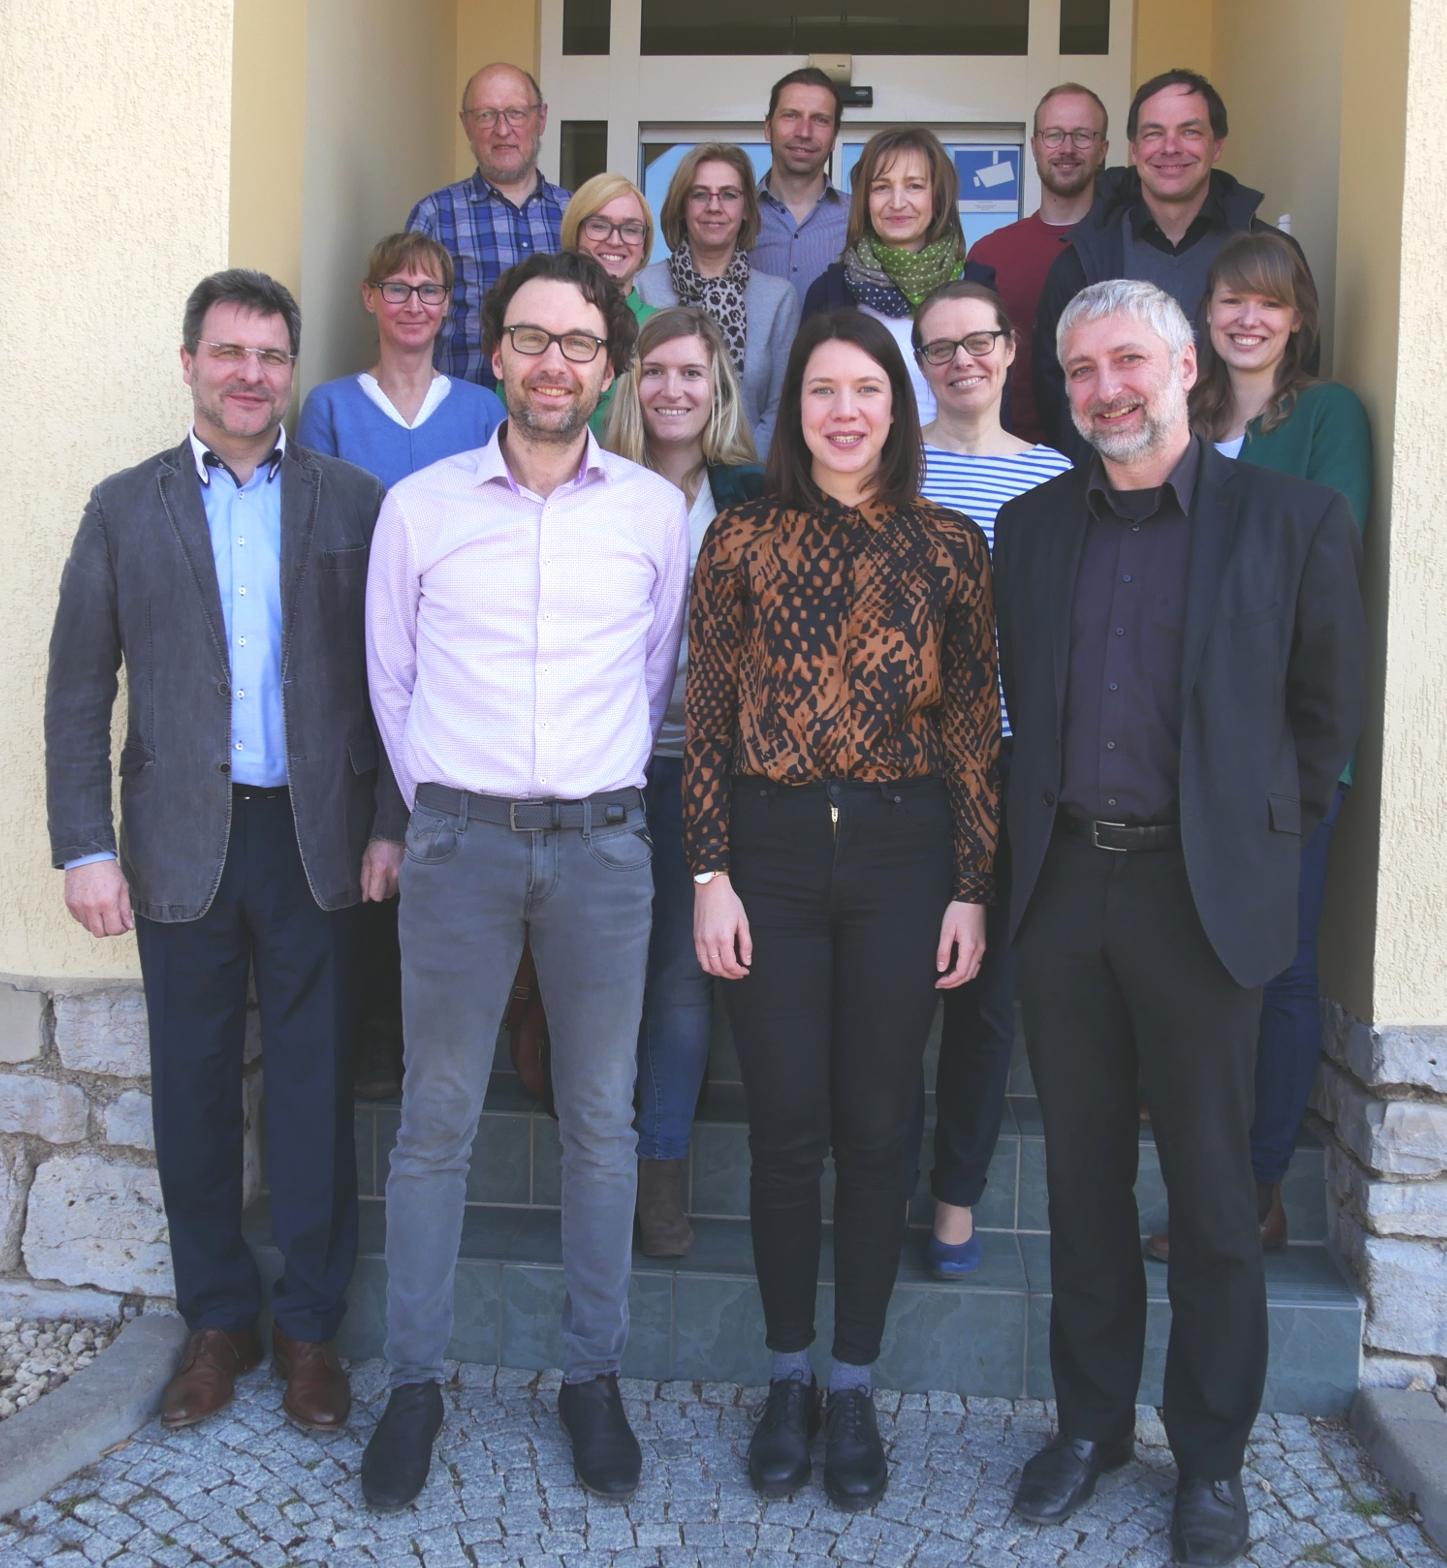 Die Teilnehmer des LEADER-Management-Treffens am 1. April. In der ersten Reihe die drei neugewählten Sprecher: Nicolas Ruge, Juliane Kerst und Alexander Pilling (v.l.n.r.)